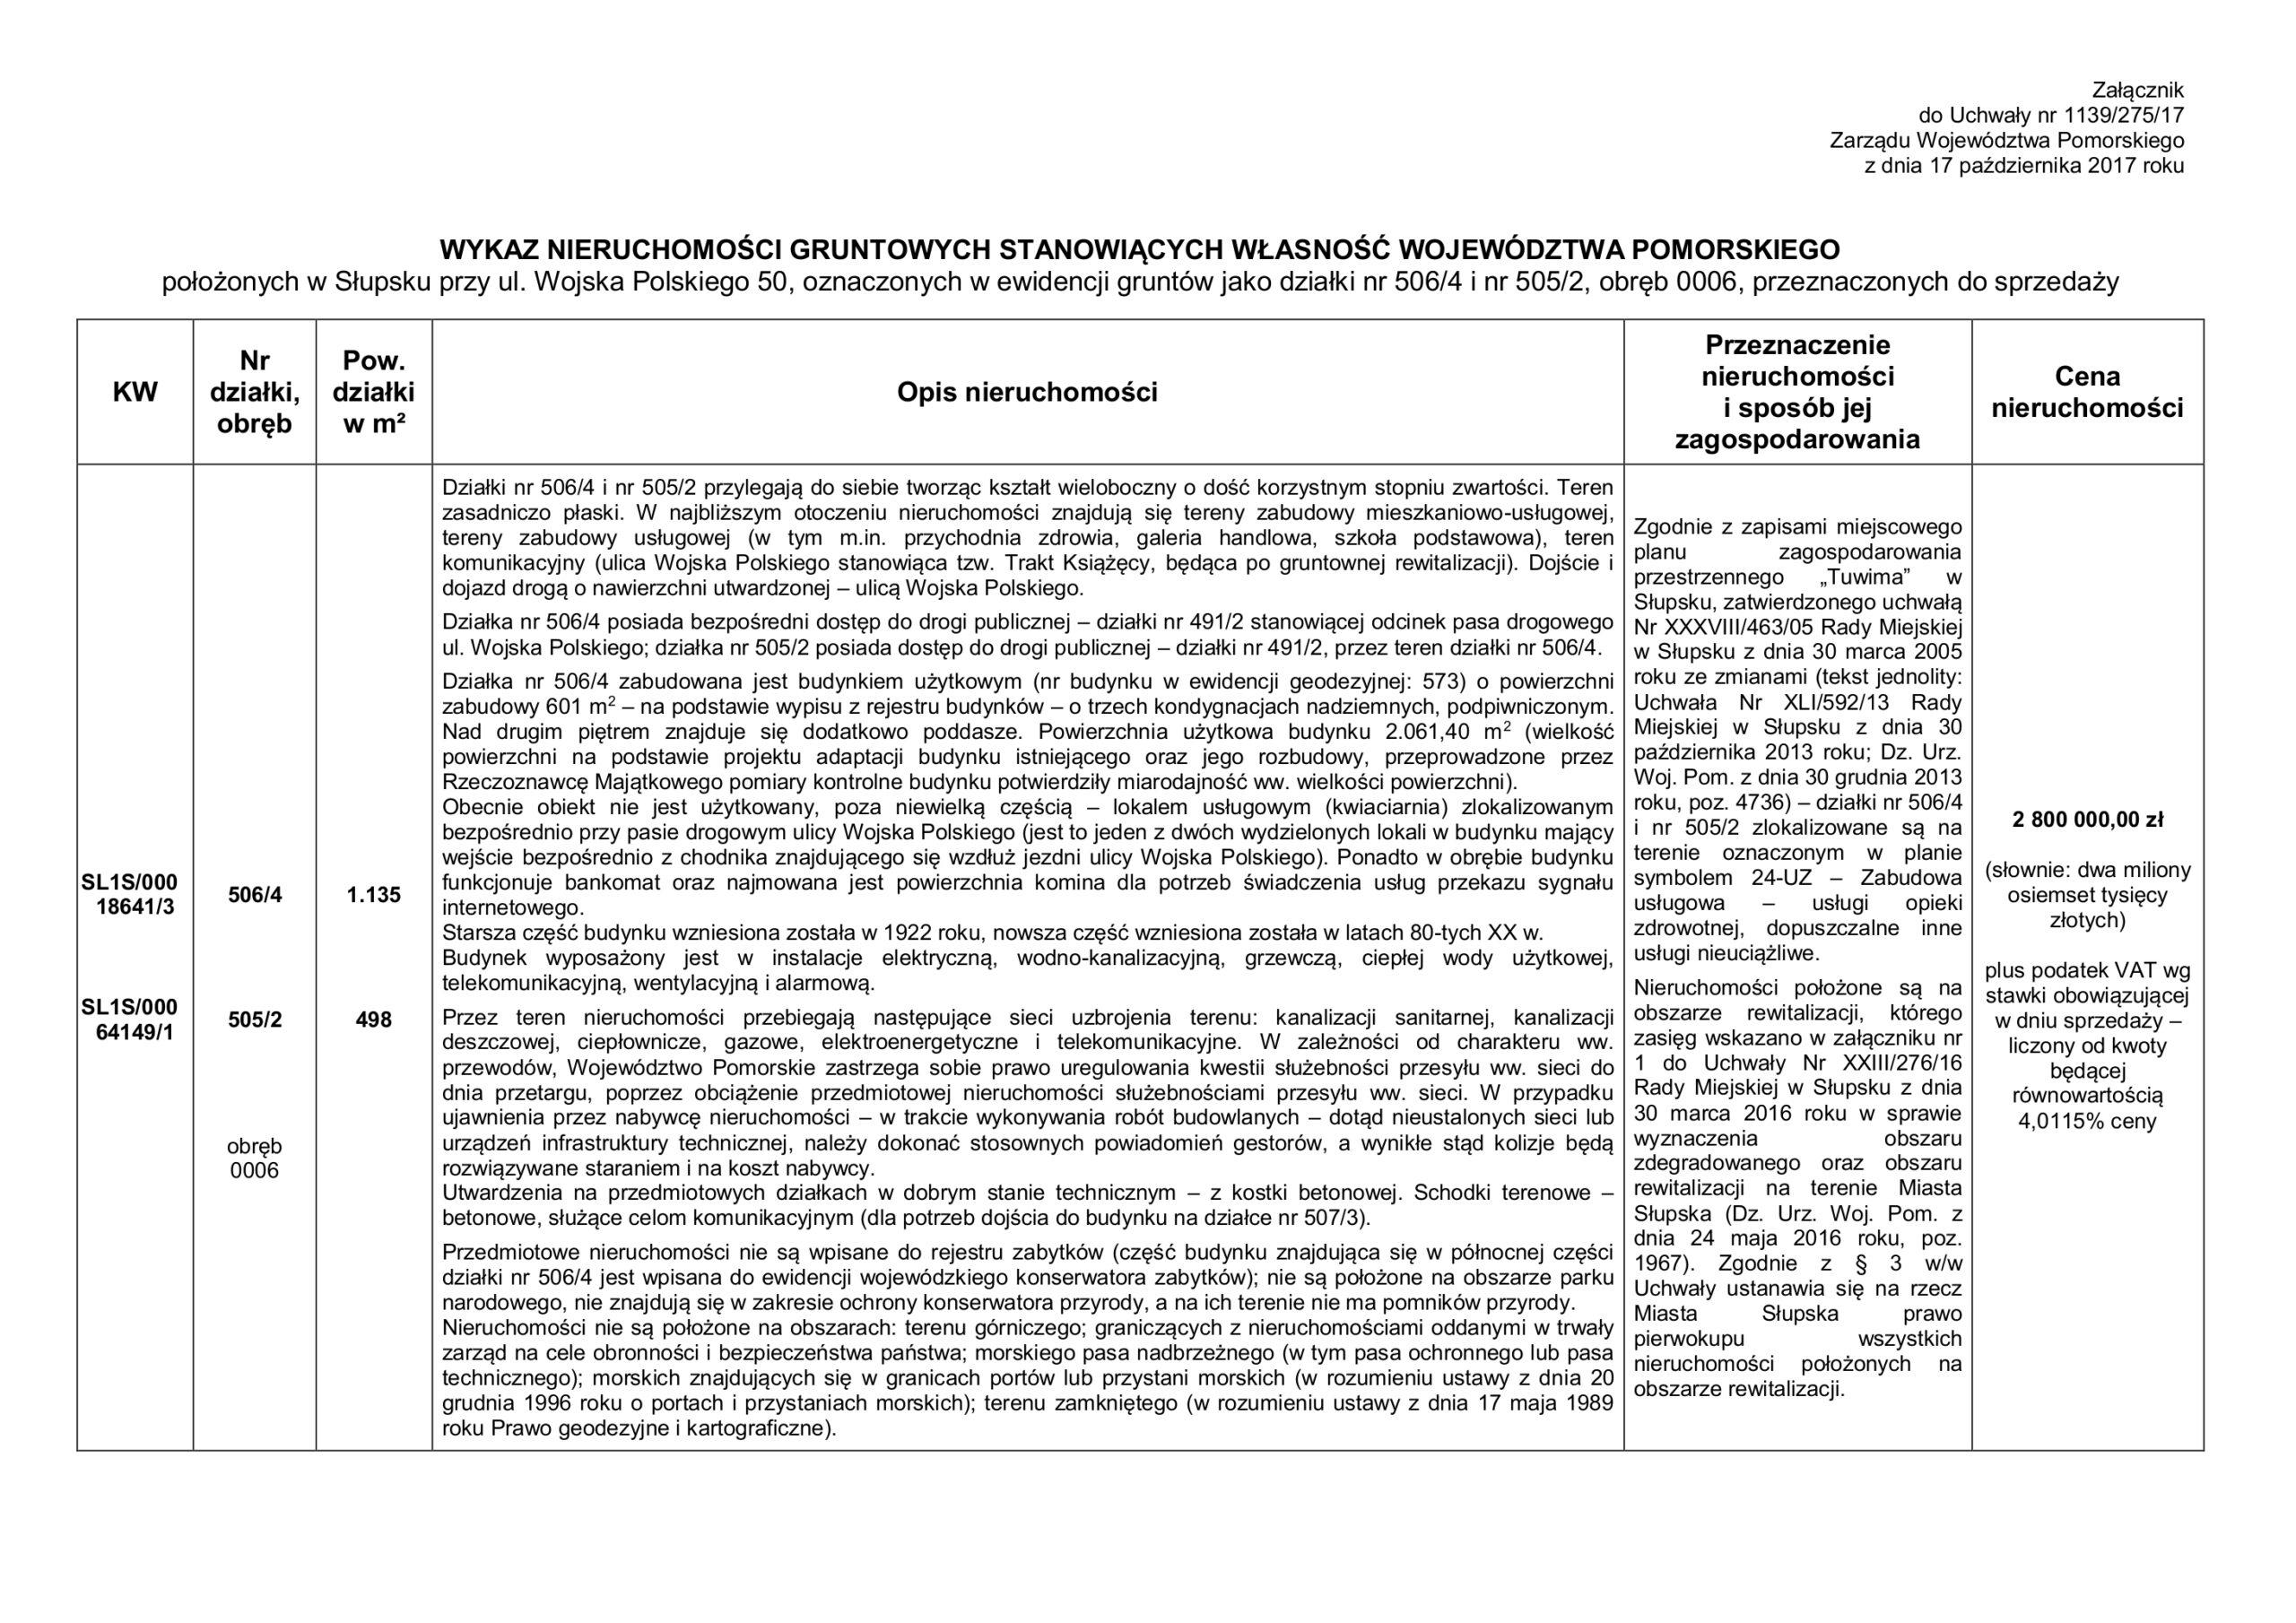 Wykaz nieruchomości gruntowych, stanowiących własność Województwa Pomorskiego, położonych w Słupsku przy ul. Wojska Polskiego 50, oznaczonych jako działki nr 506/4 i nr 505/2, przeznaczonych do sprzedaży